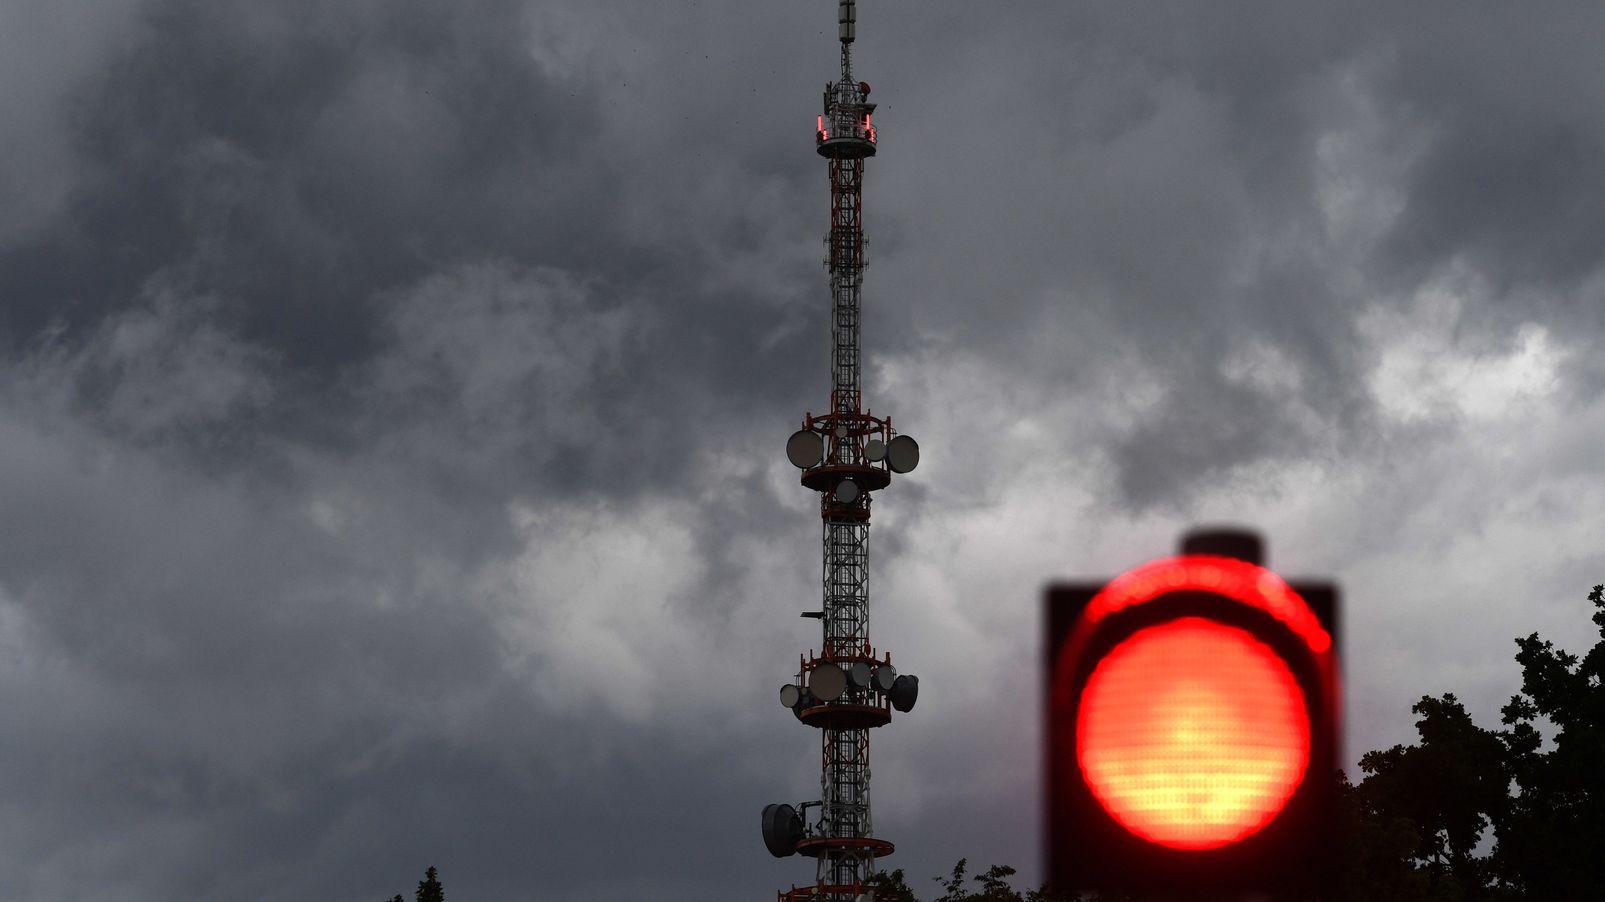 Dunkle Wolken zogen am Sendeturm des Bayerischen Rundfunks in Freimann vorbei. Im Raum München gab es ein heftiges Gewitter mit Hagel.